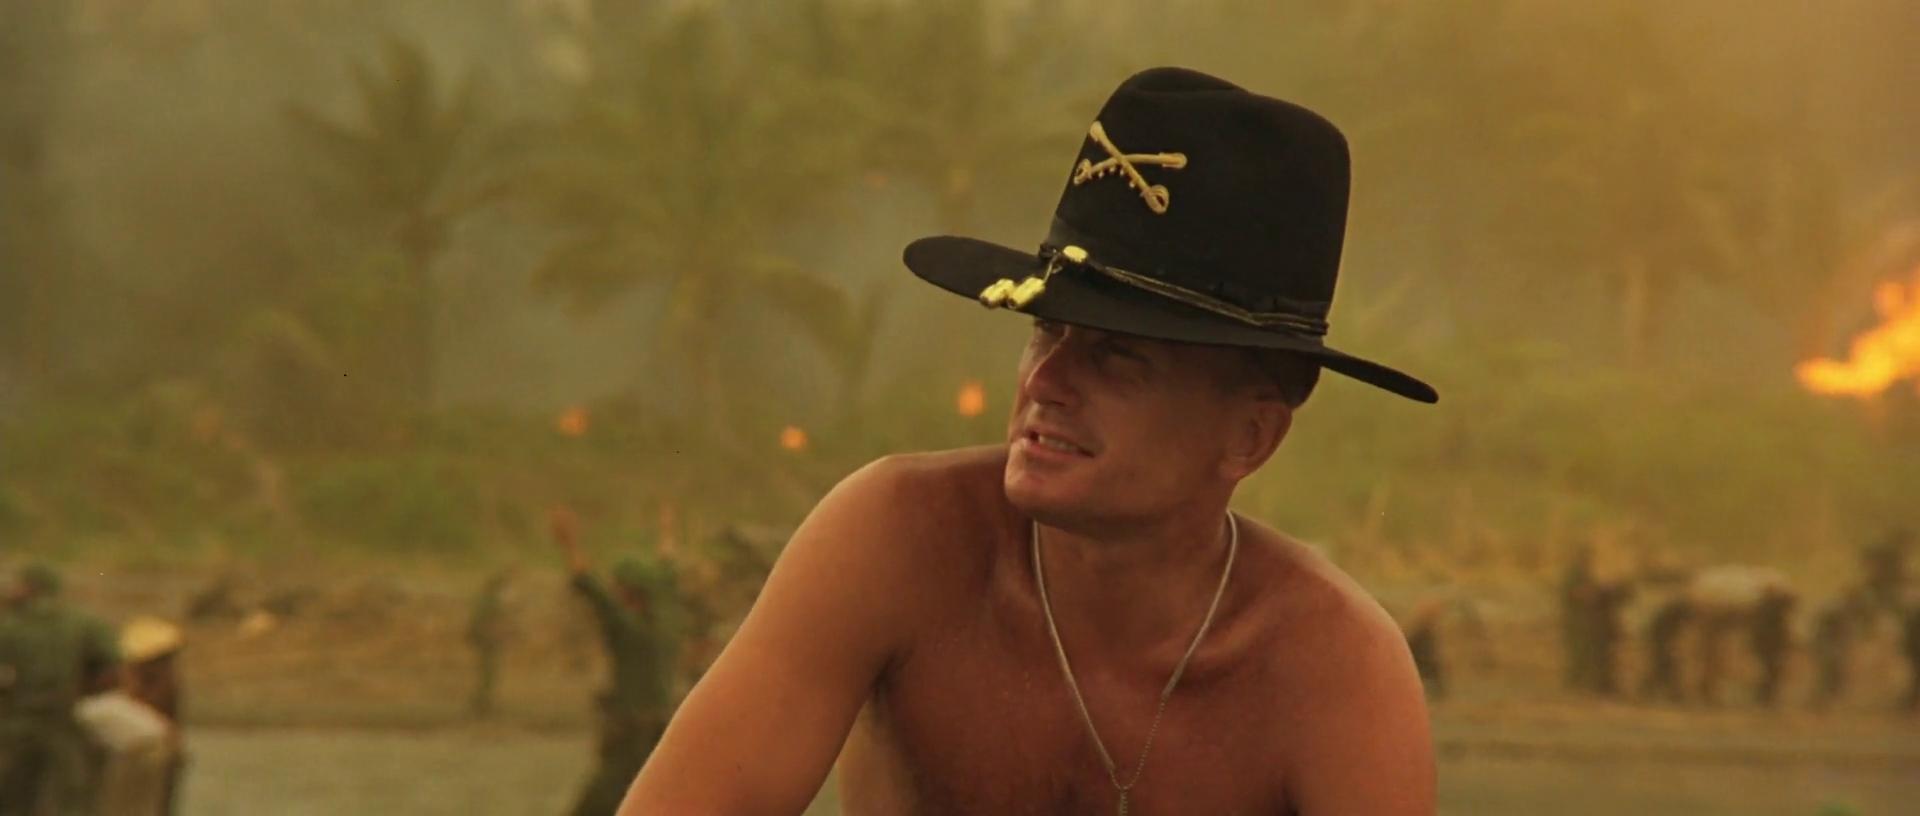 156. Apocalypse Now (1979)